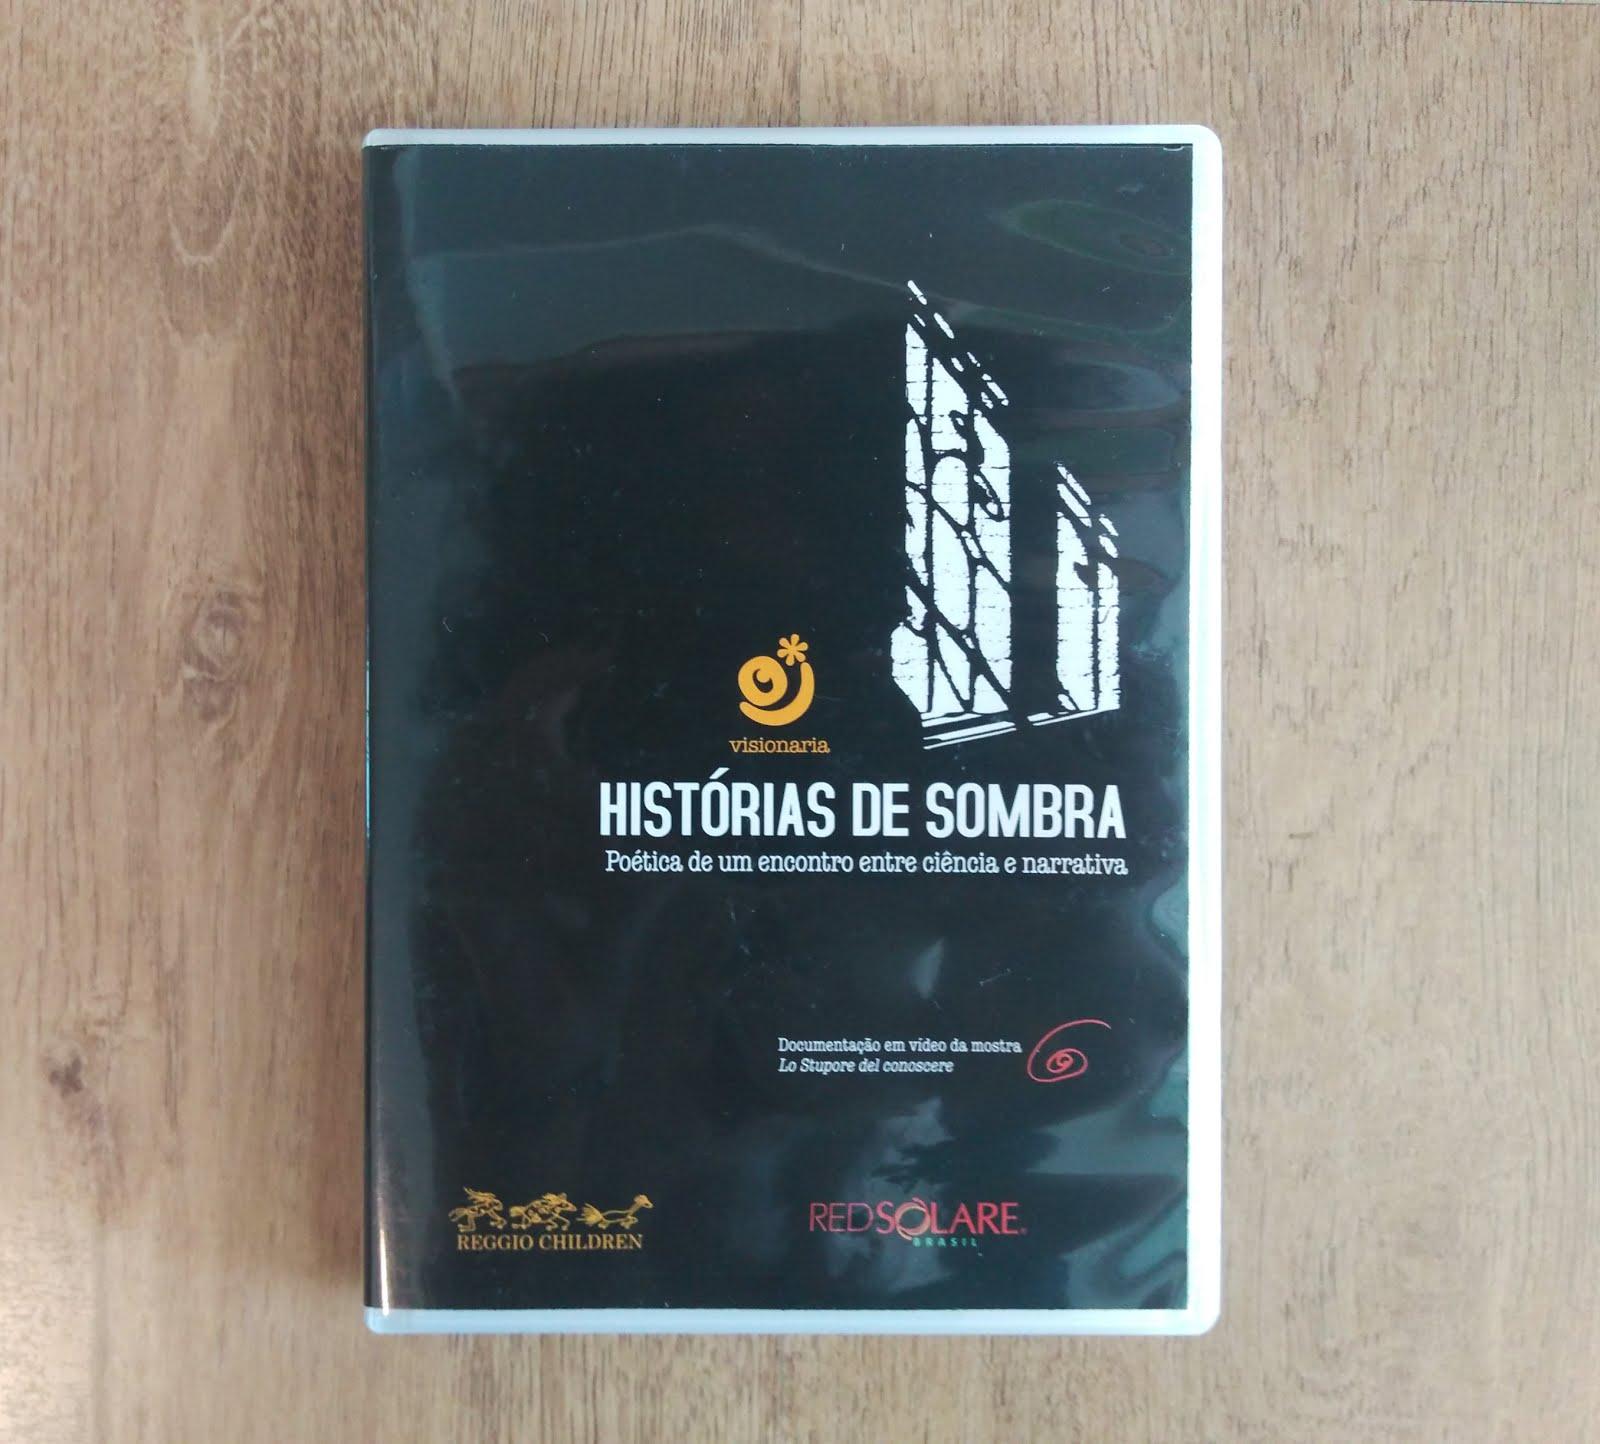 DVD Histórias de Sombra